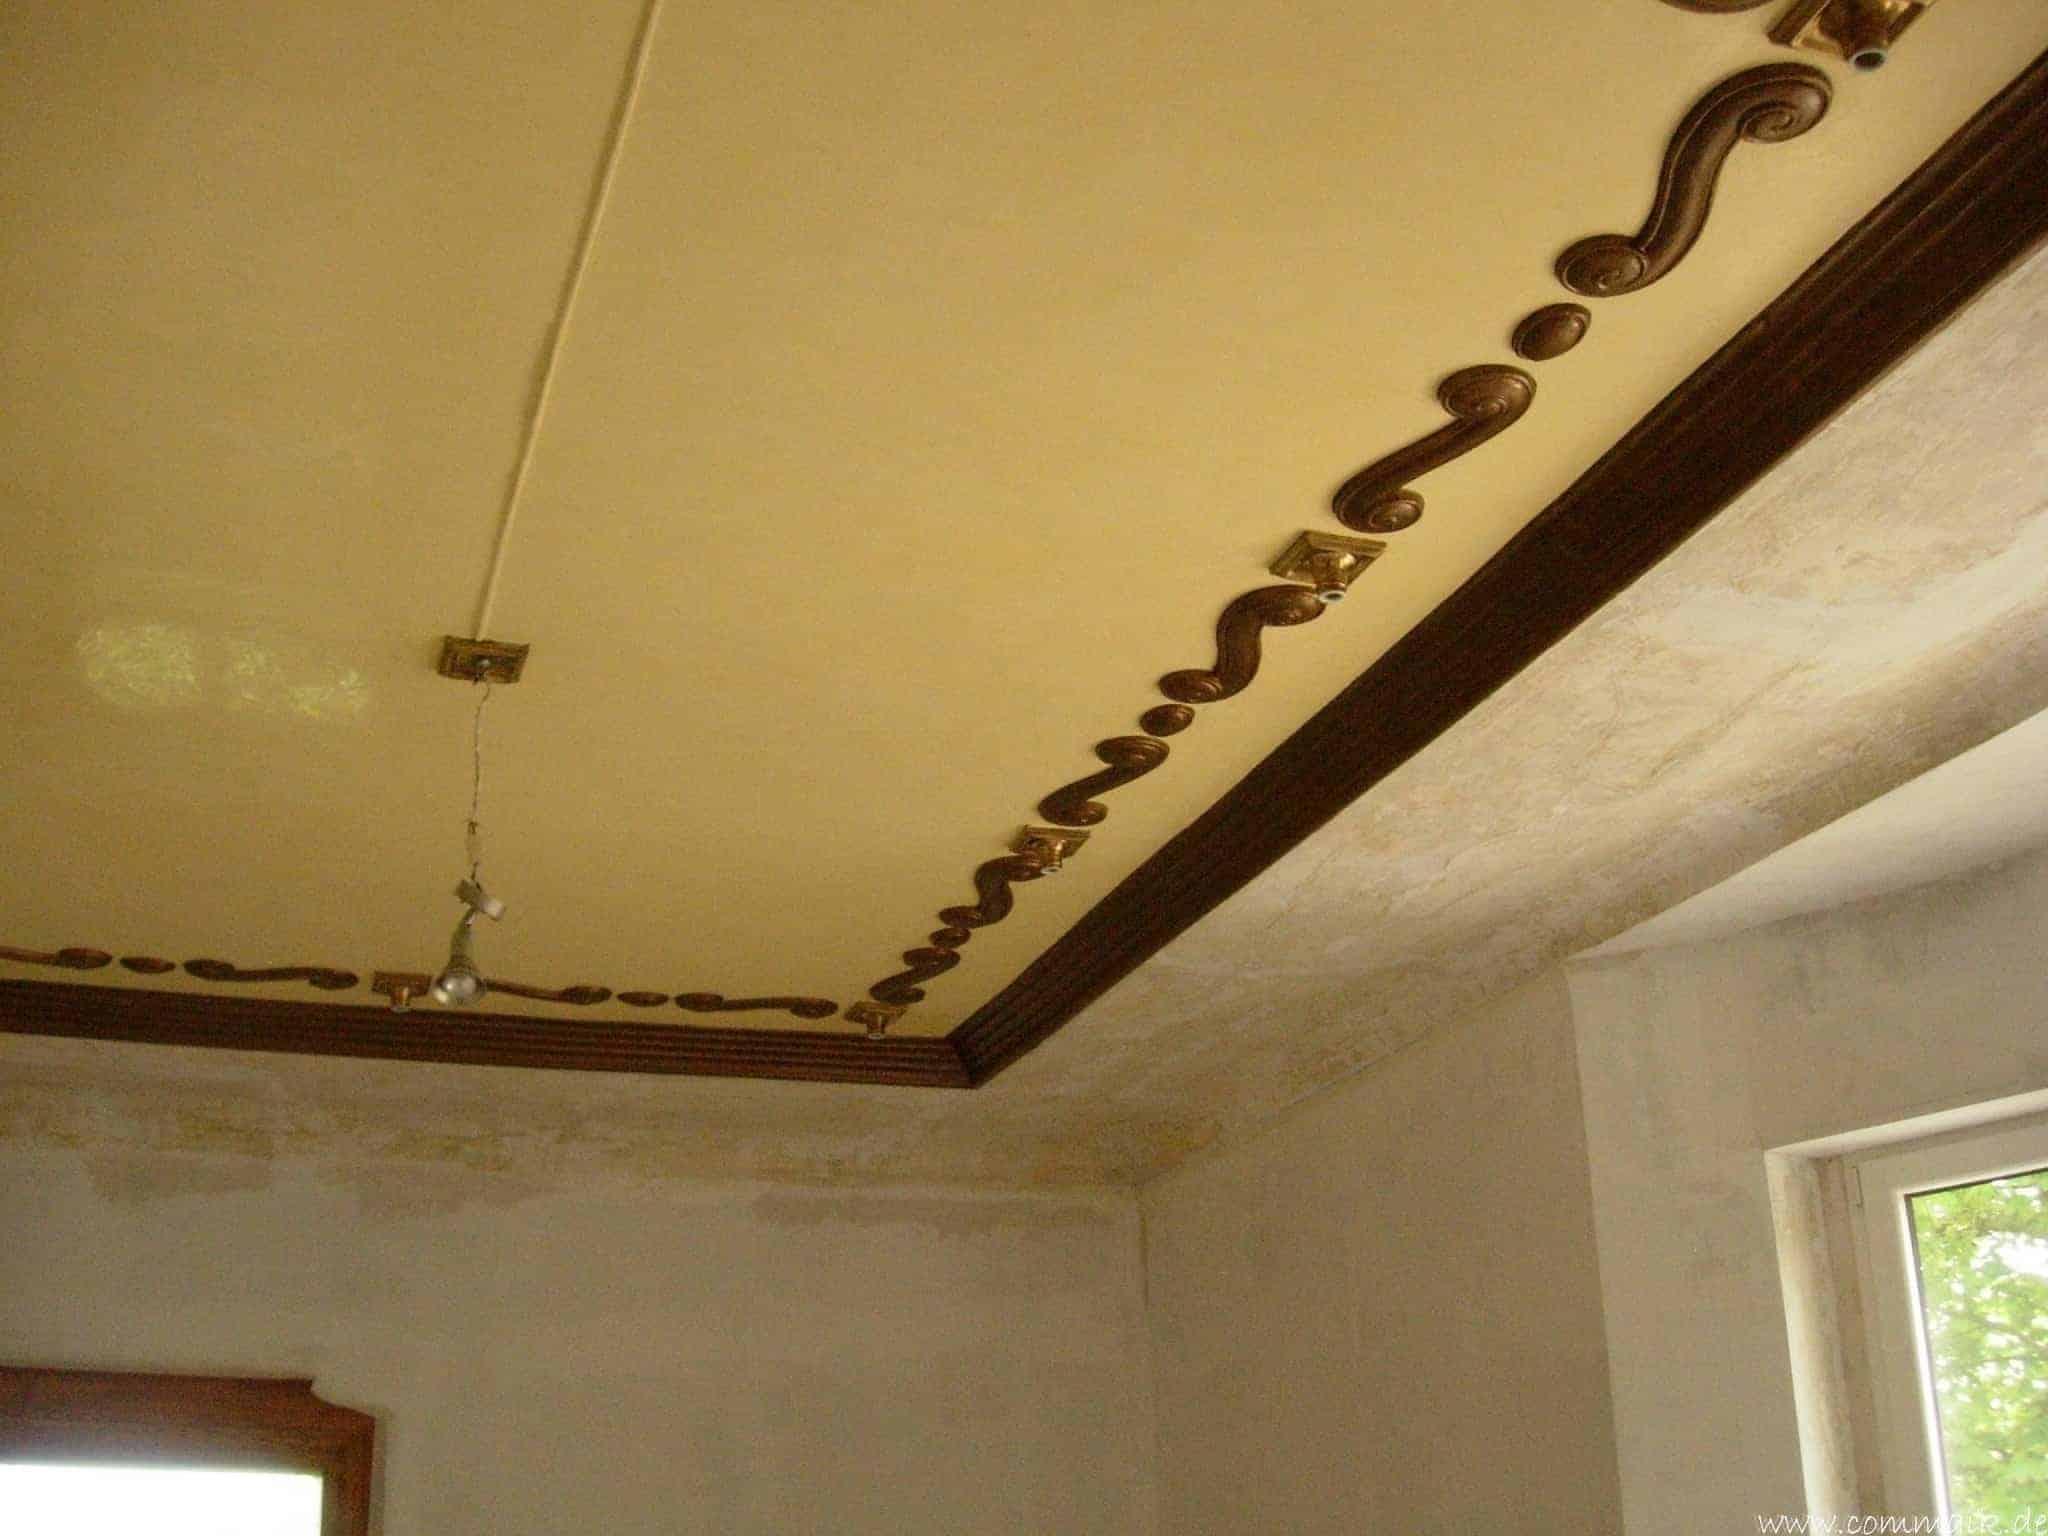 Holz Treppenstufen Restaurieren ~ DSCN67562 150×150 Stuck restaurieren